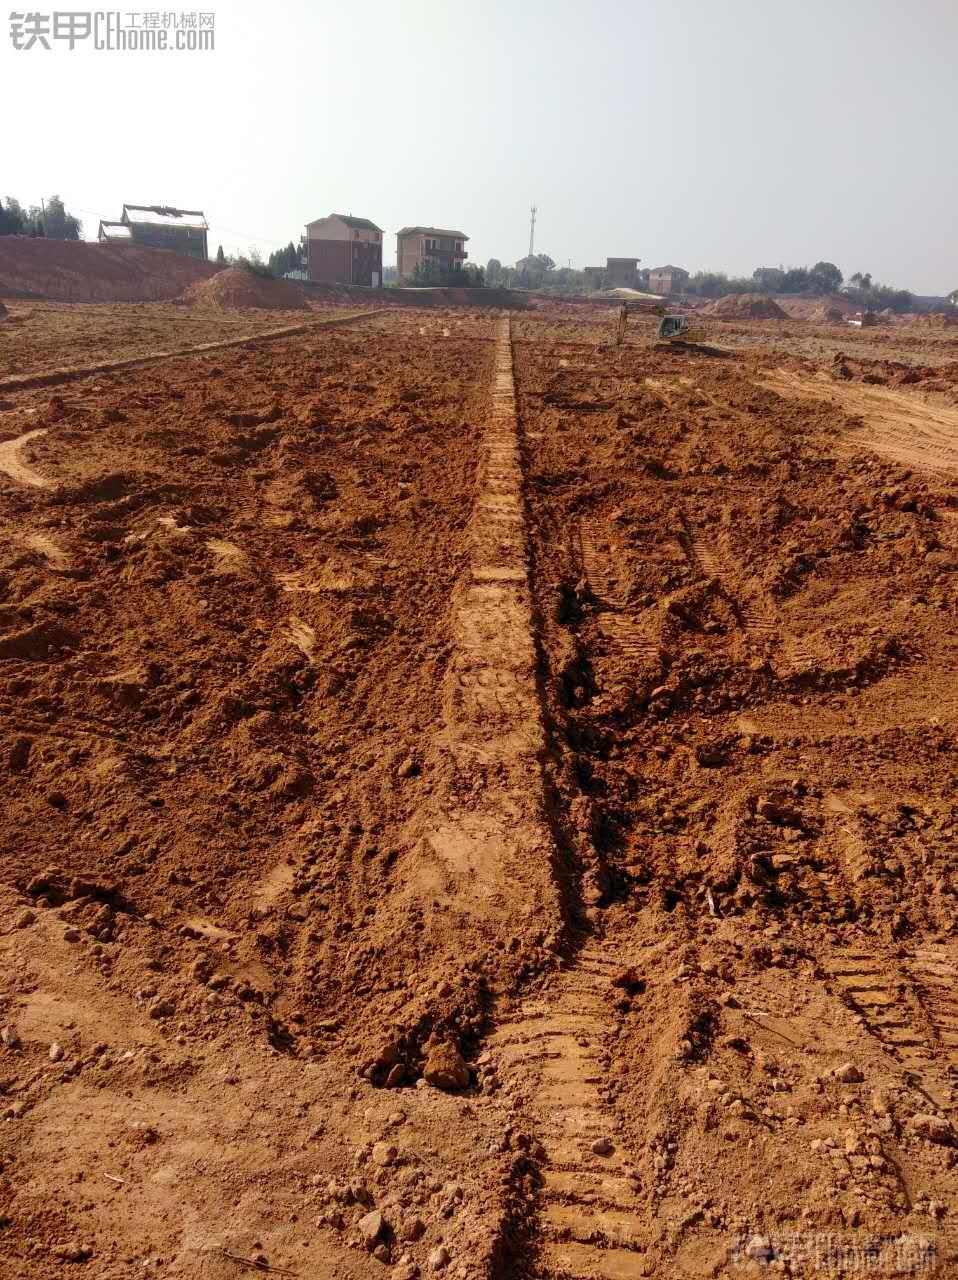 【最牛操作手】进口神钢200-9 挖掘机标准农田施工 挖机驾驶员综合素质的体现